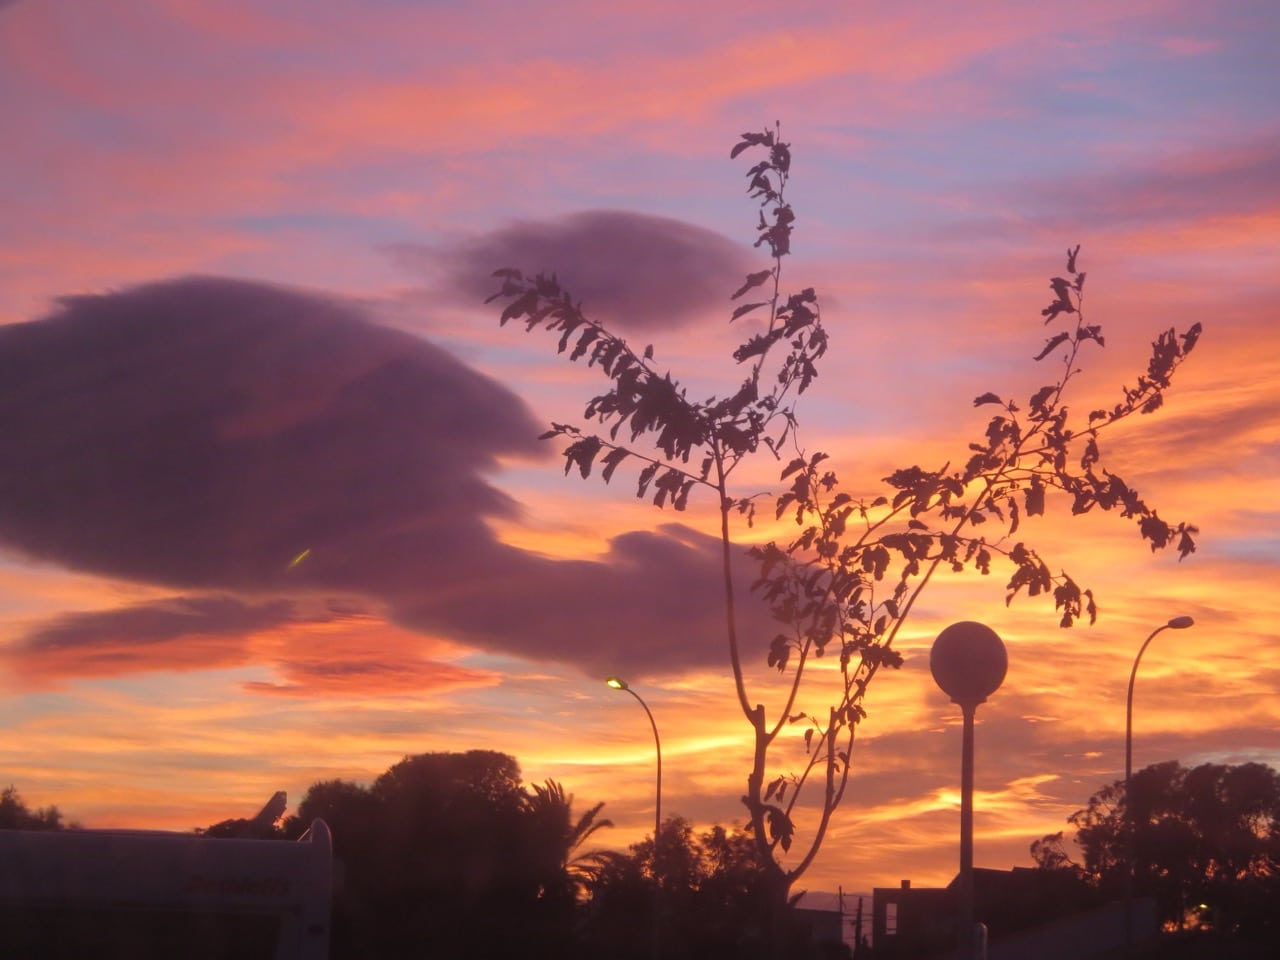 Ein roter Abendhimmel, im Vordergrund ein kleiner Baum